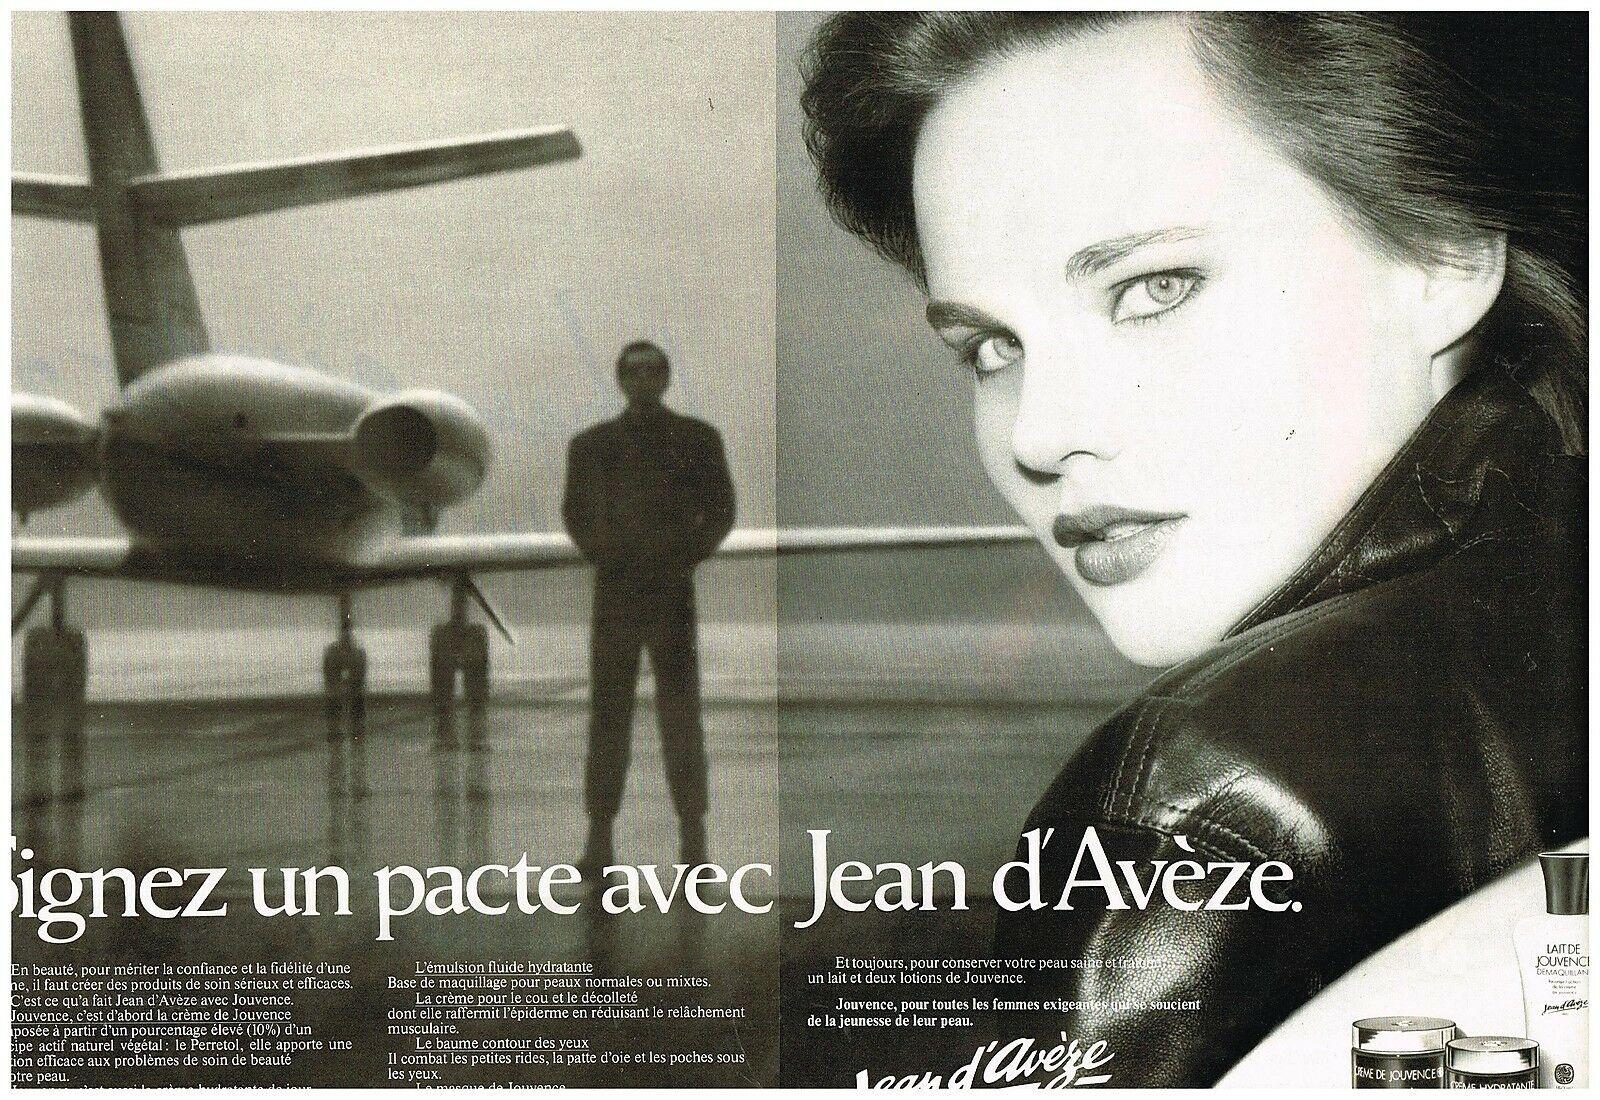 1980 Les Cremes Jean d'Aveze